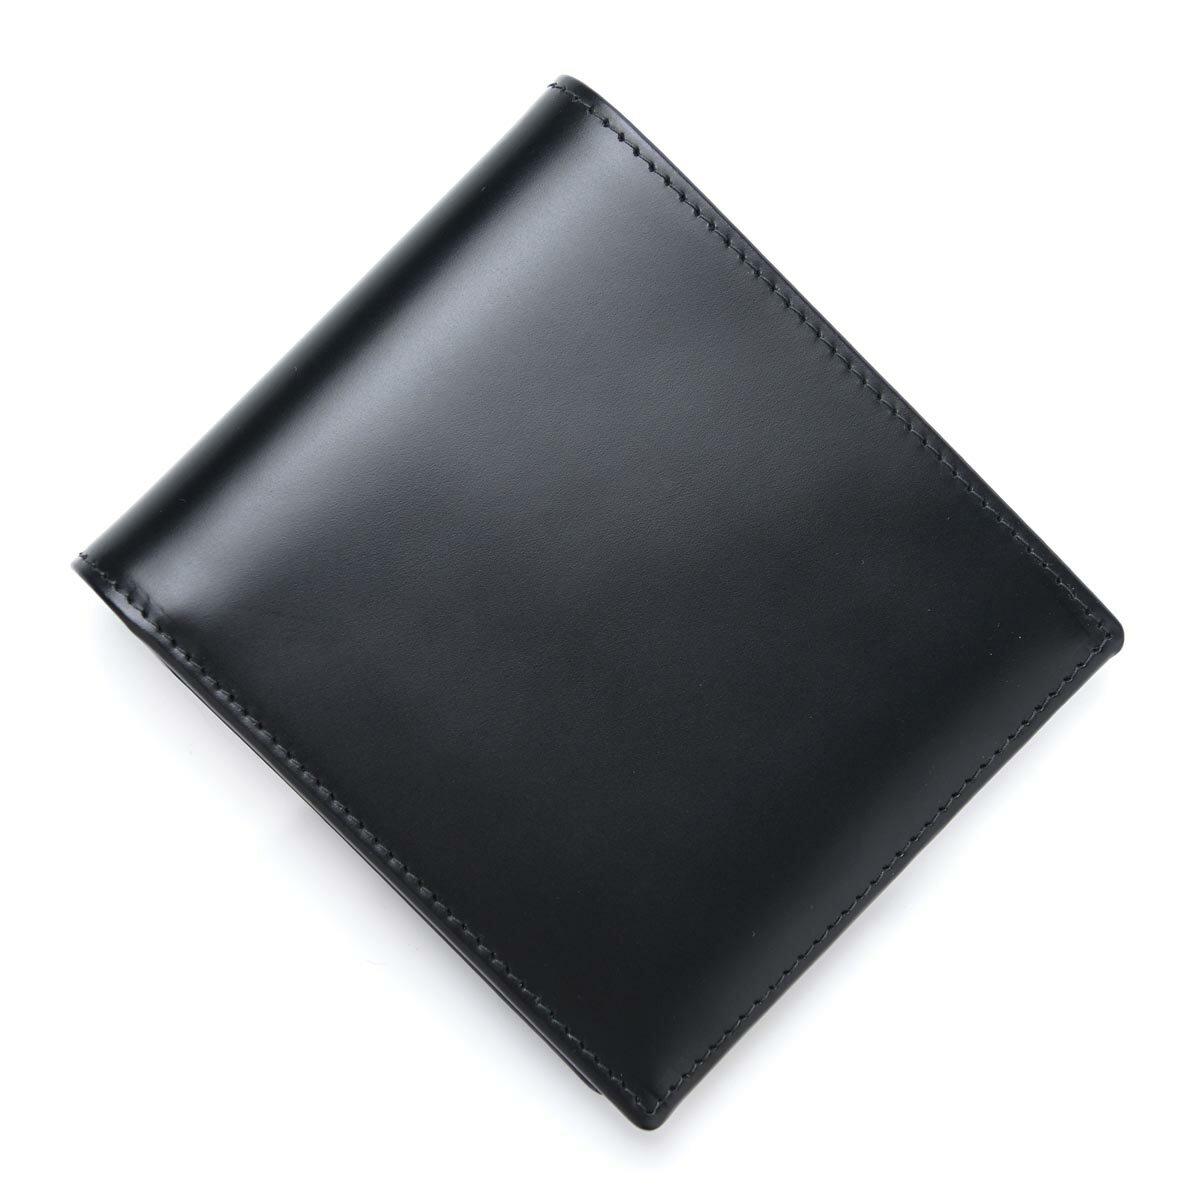 エッティンガー ETTINGER 2つ折り財布 小銭入れ付き BRIDLE LEATHER BLACK ブラック系 bh142jr メンズ【ラッピング無料】【返品送料無料】【あす楽対応_関東】